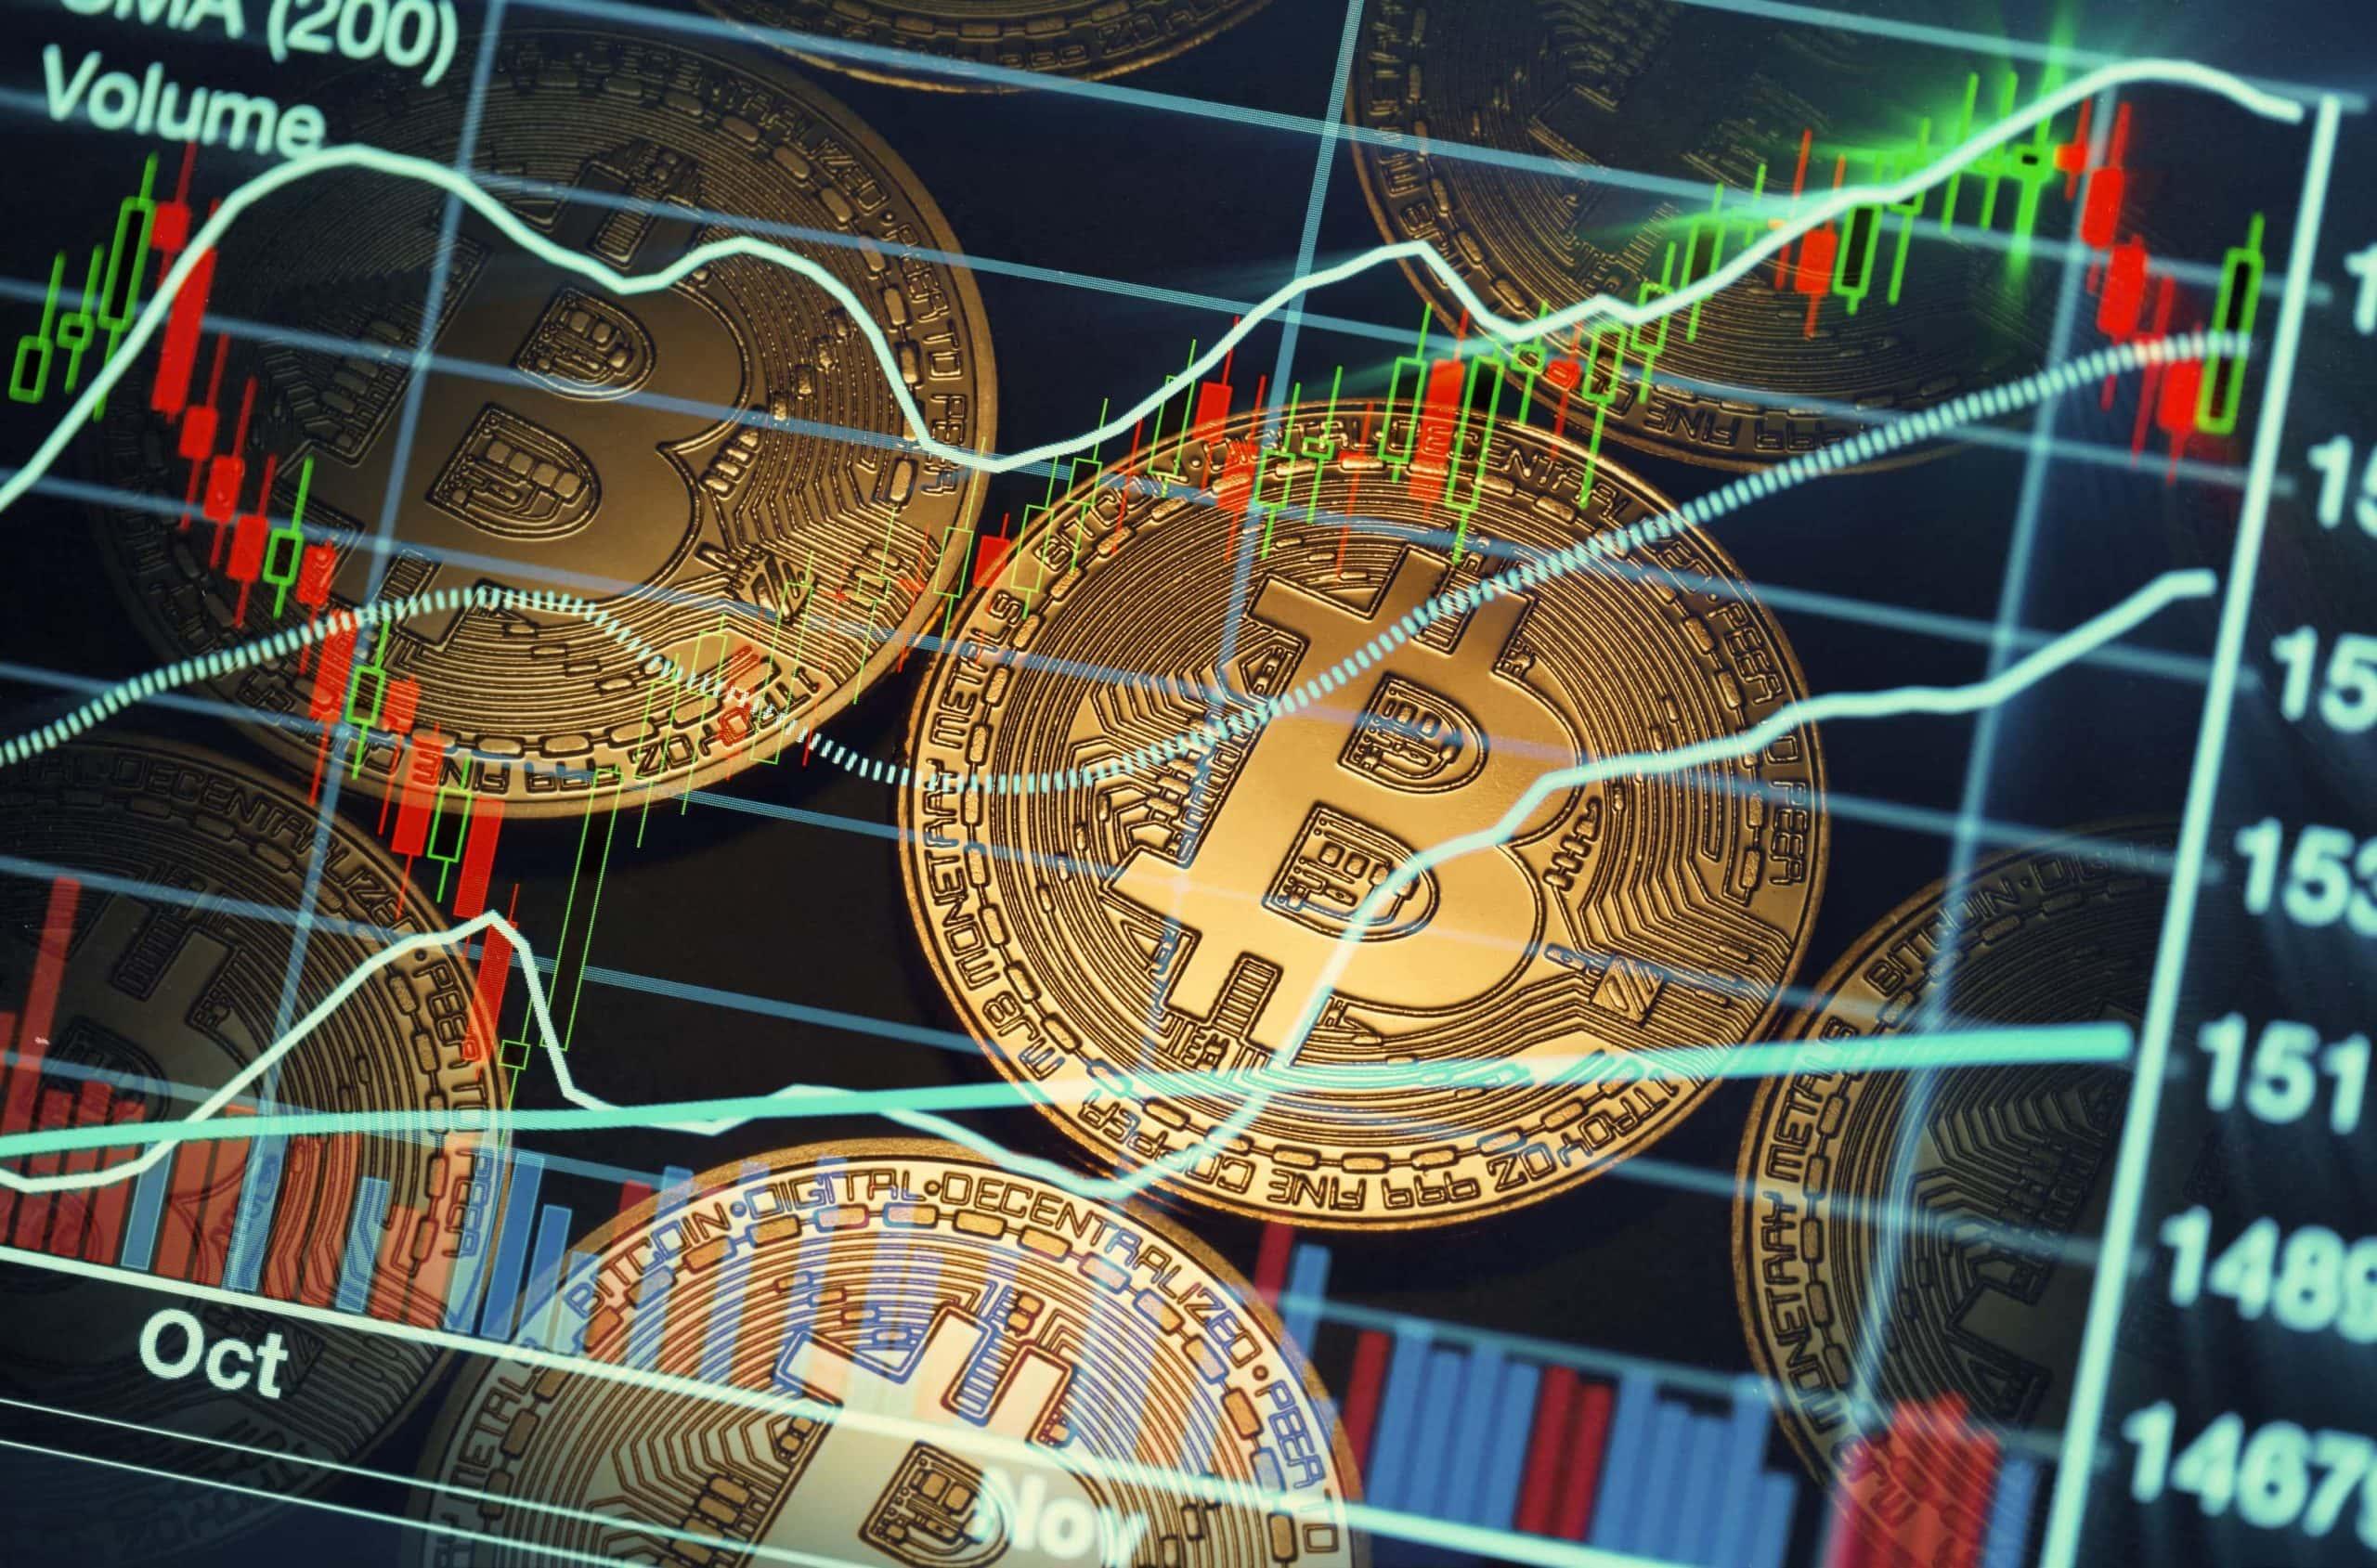 Grafik mit Bitcoin-Münzen und Börsen-Chars